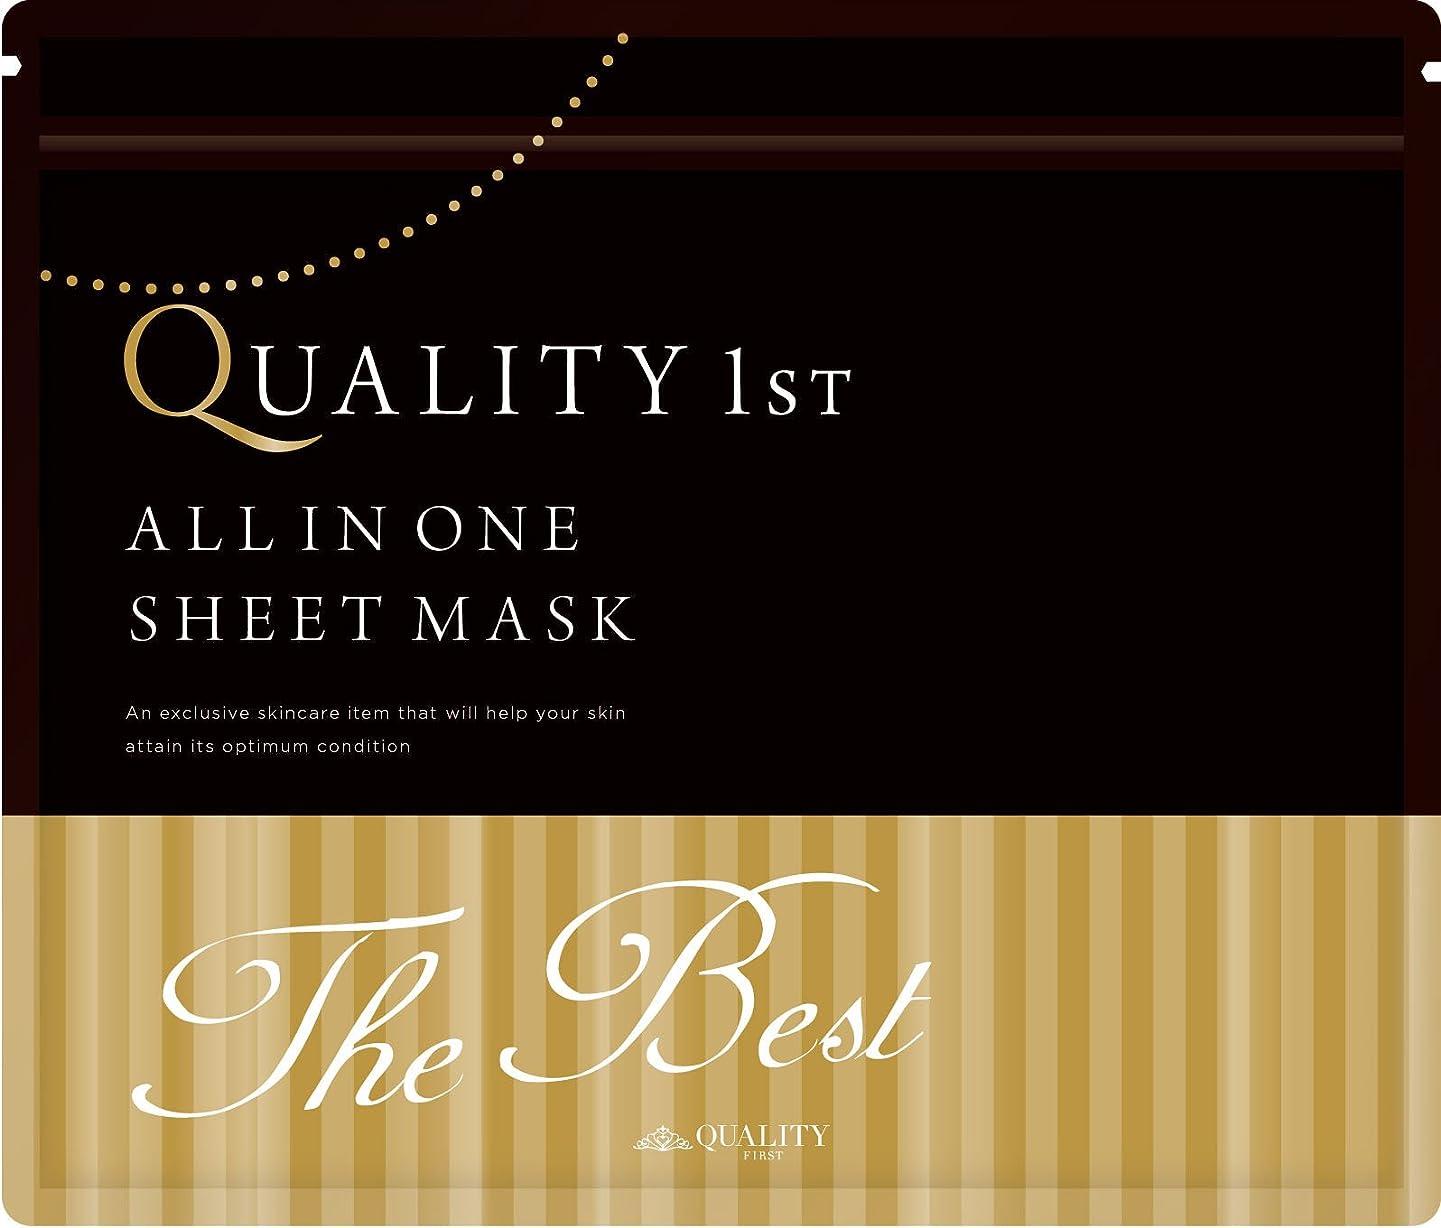 側面良性価格オールインワン シートマスク ザ?ベスト 30枚